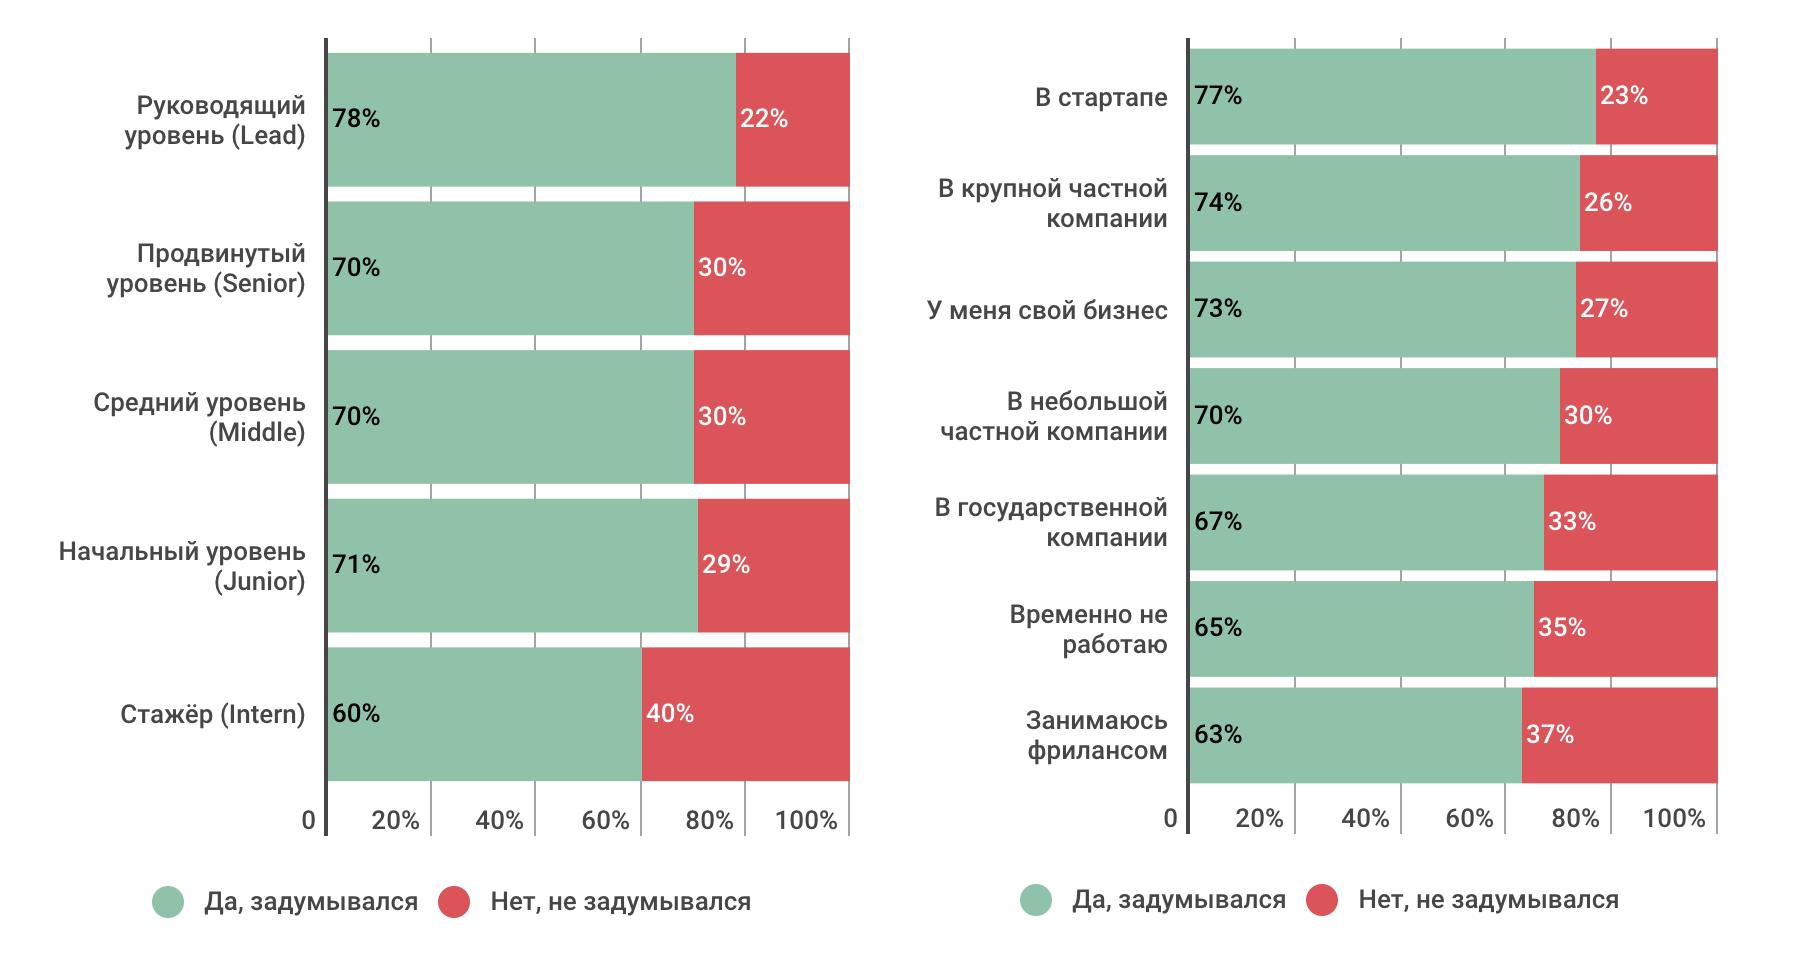 Профессиональные или жизненные навыки: что важнее в ИТ-индустрии сегодня и в будущем (результаты опроса) - 6